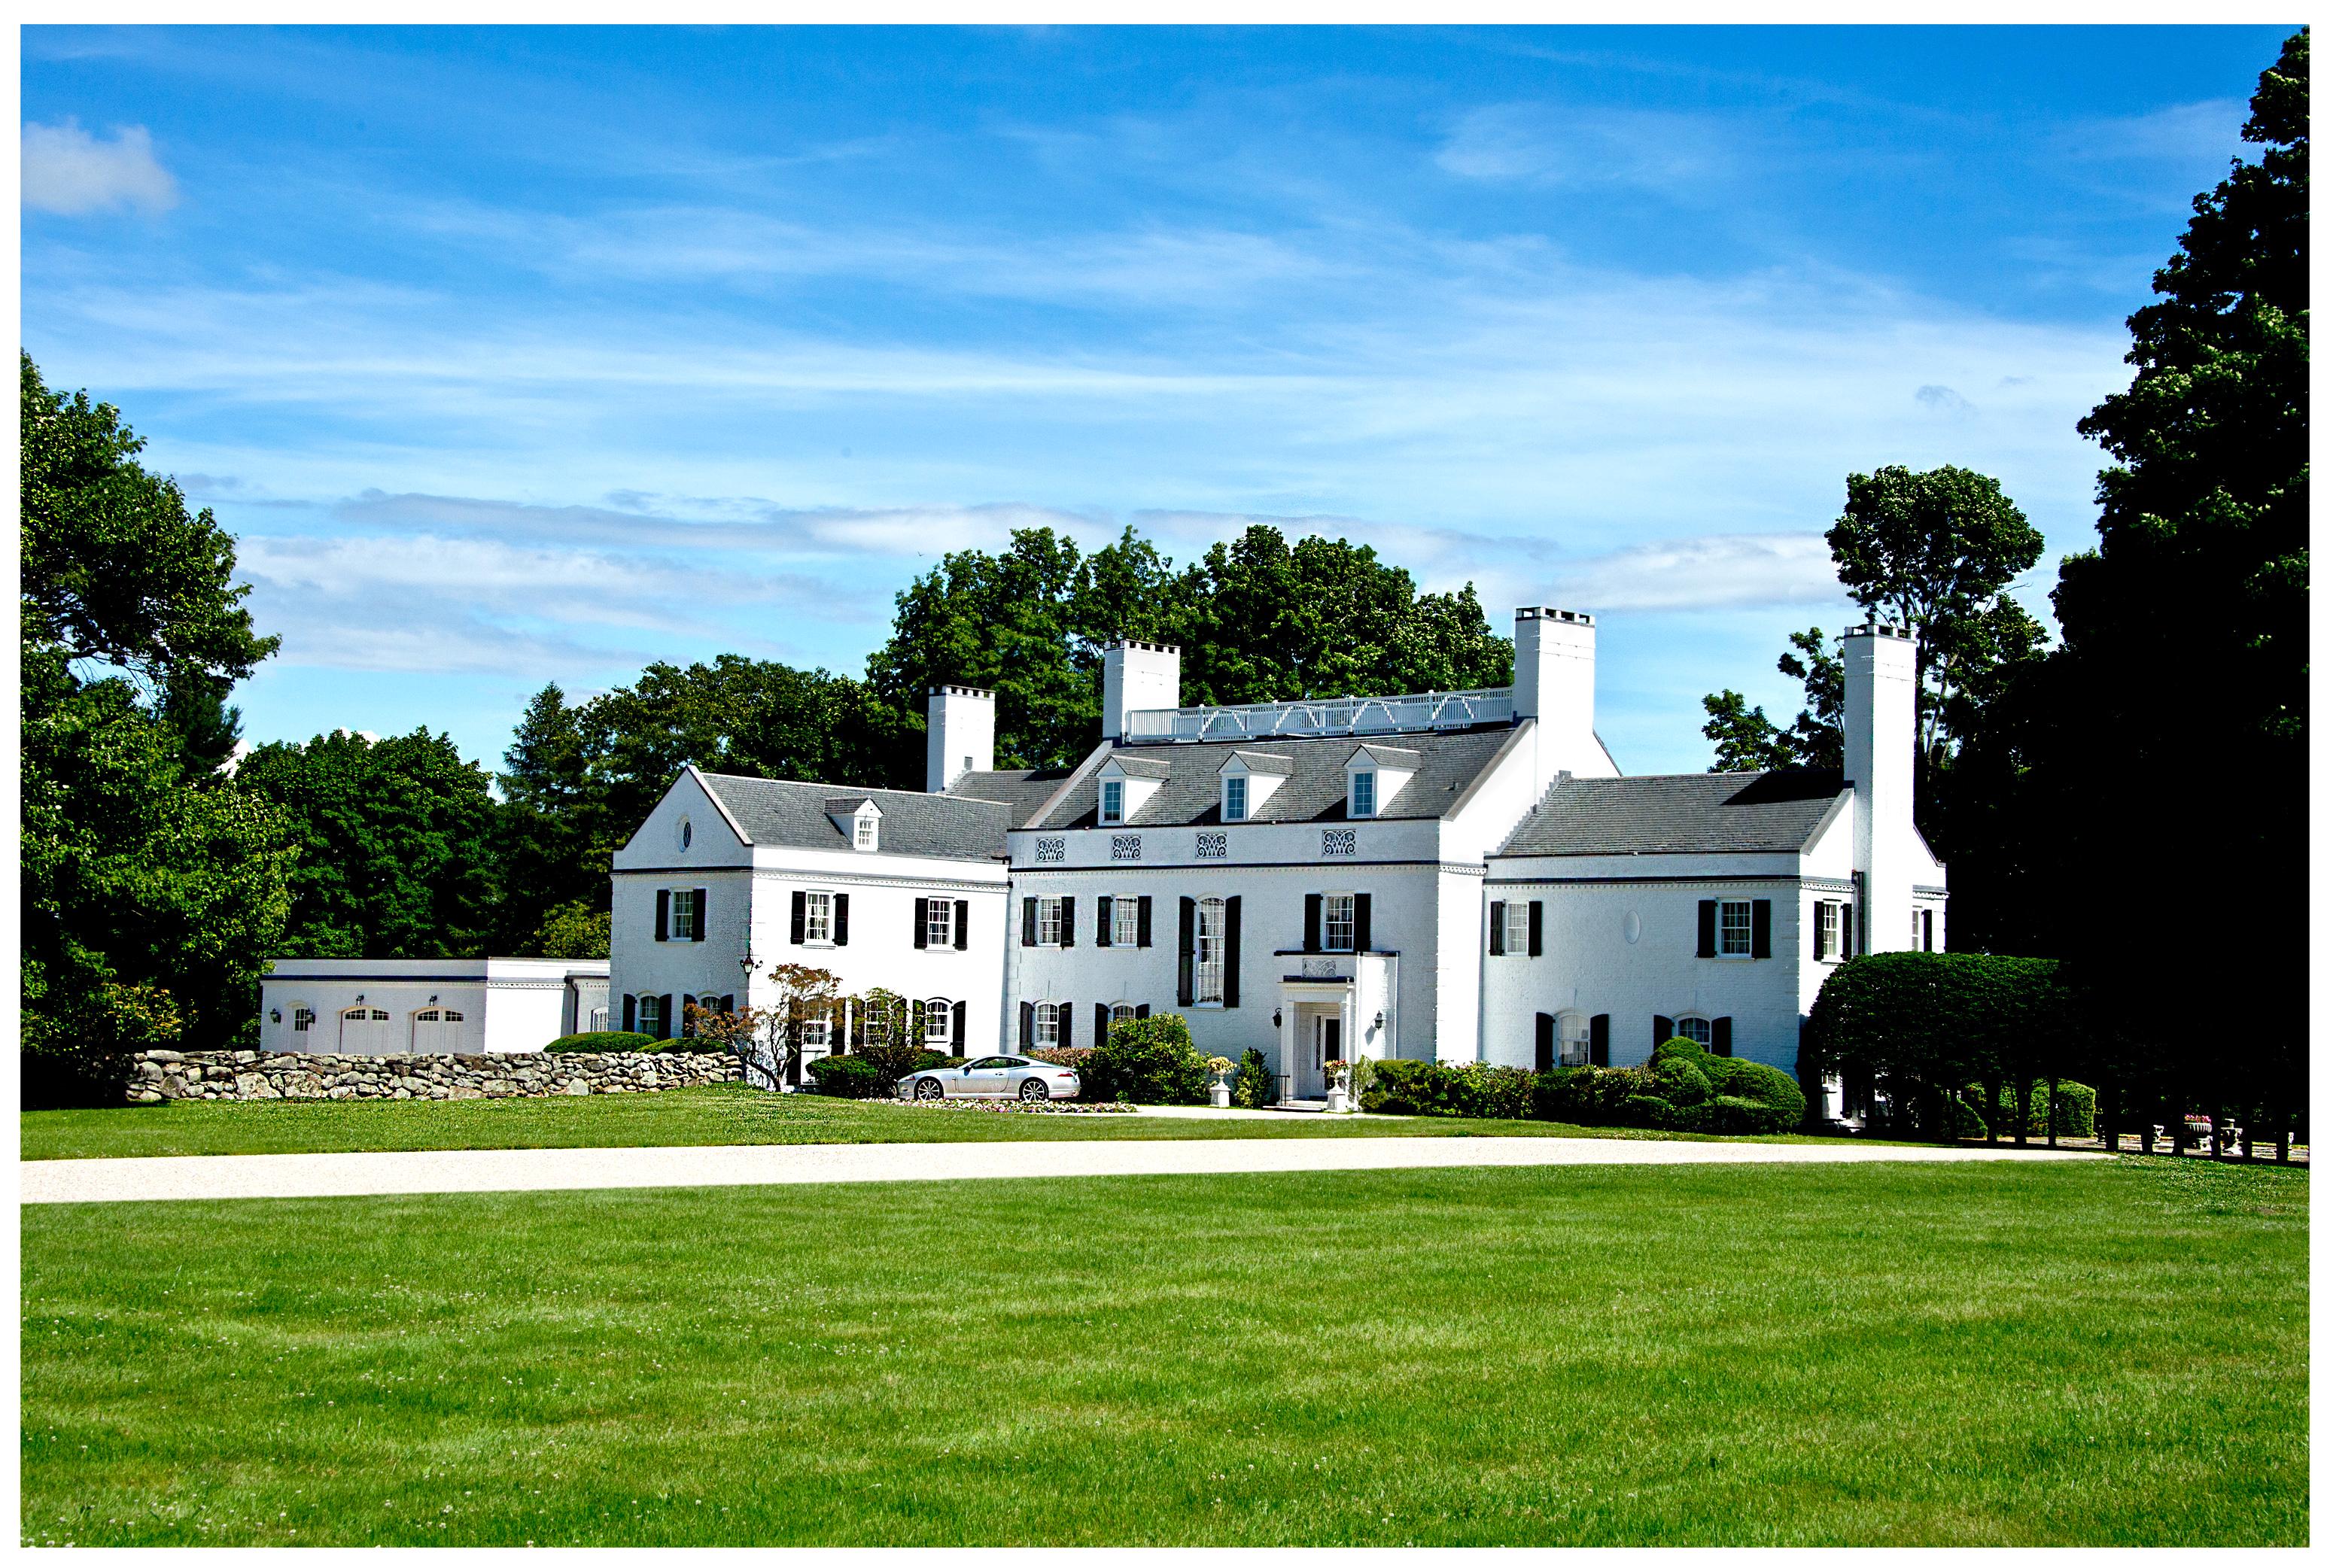 Maison unifamiliale pour l Vente à Overlea Manor 1135 Northfield Watertown, Connecticut 06795 États-Unis